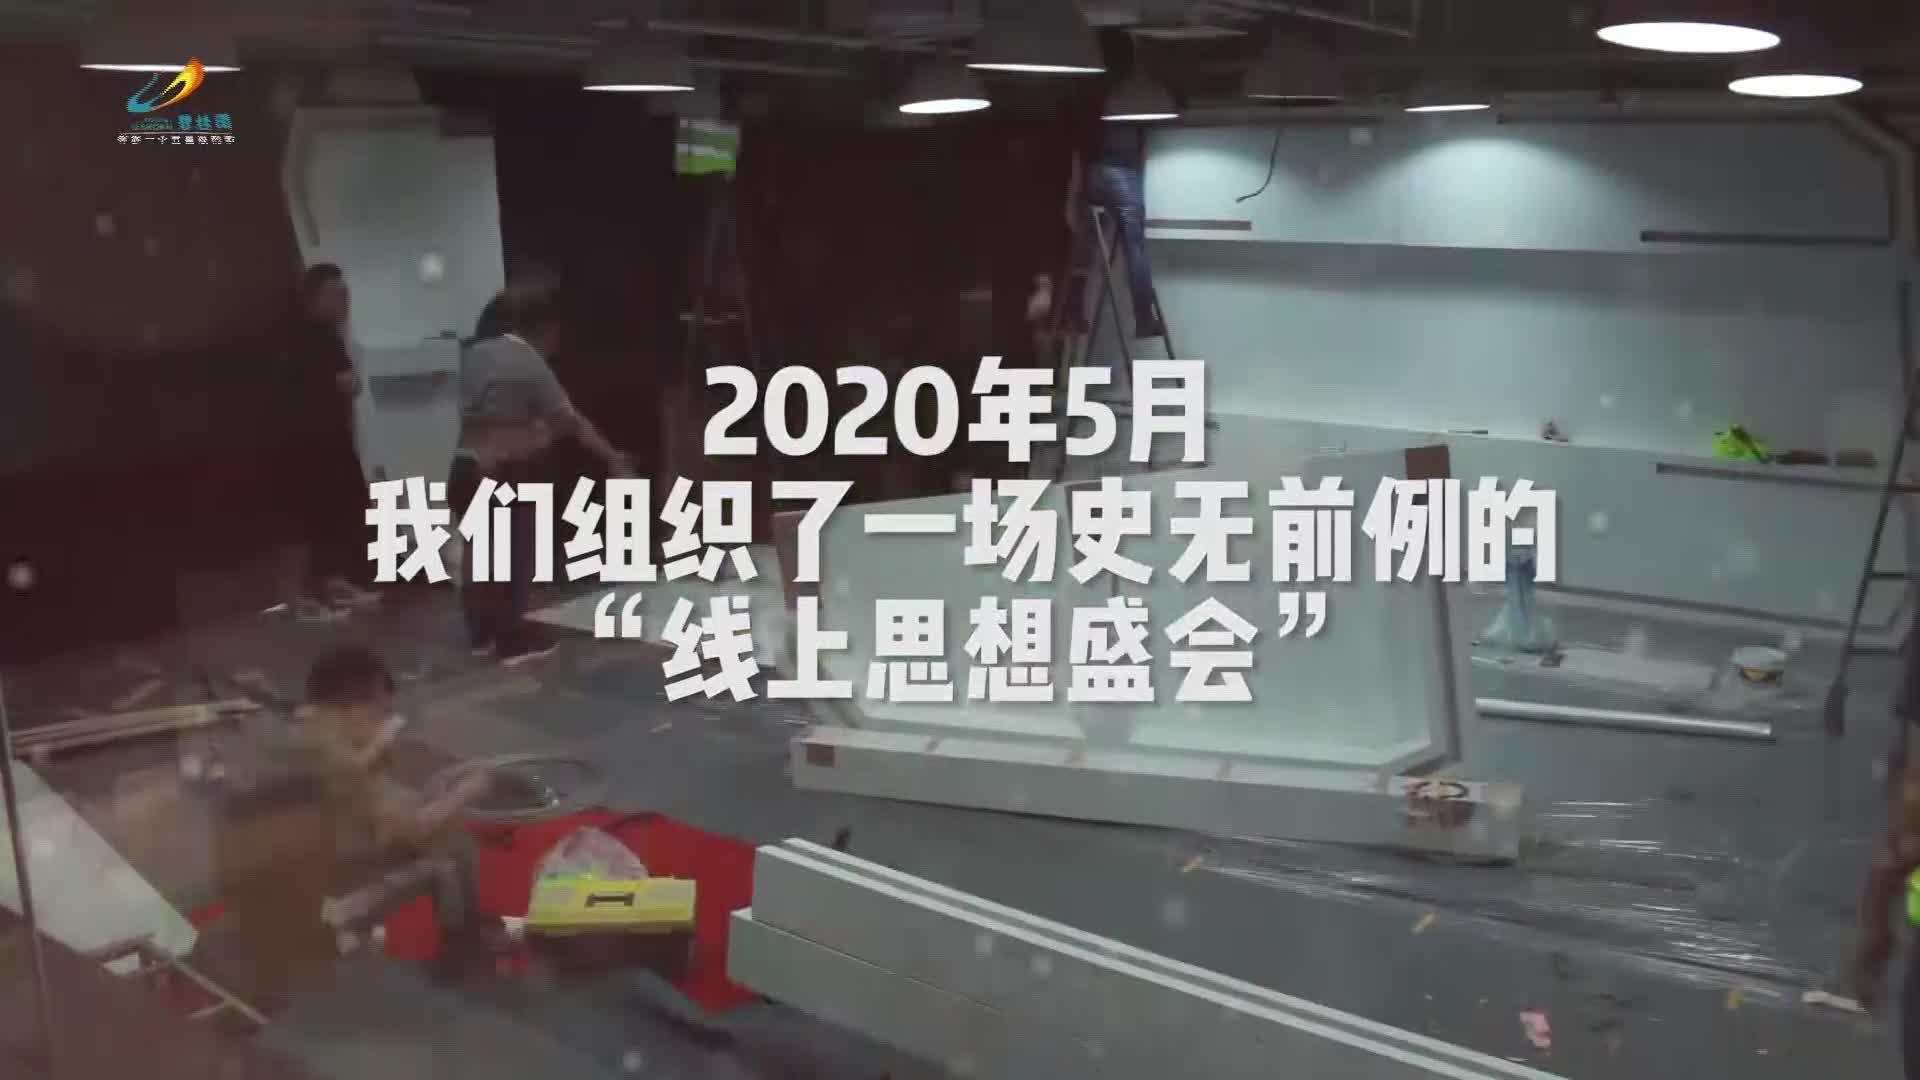 """80位大咖齐聚凤凰网超级财经周 7分钟""""一网打尽""""7天精彩"""